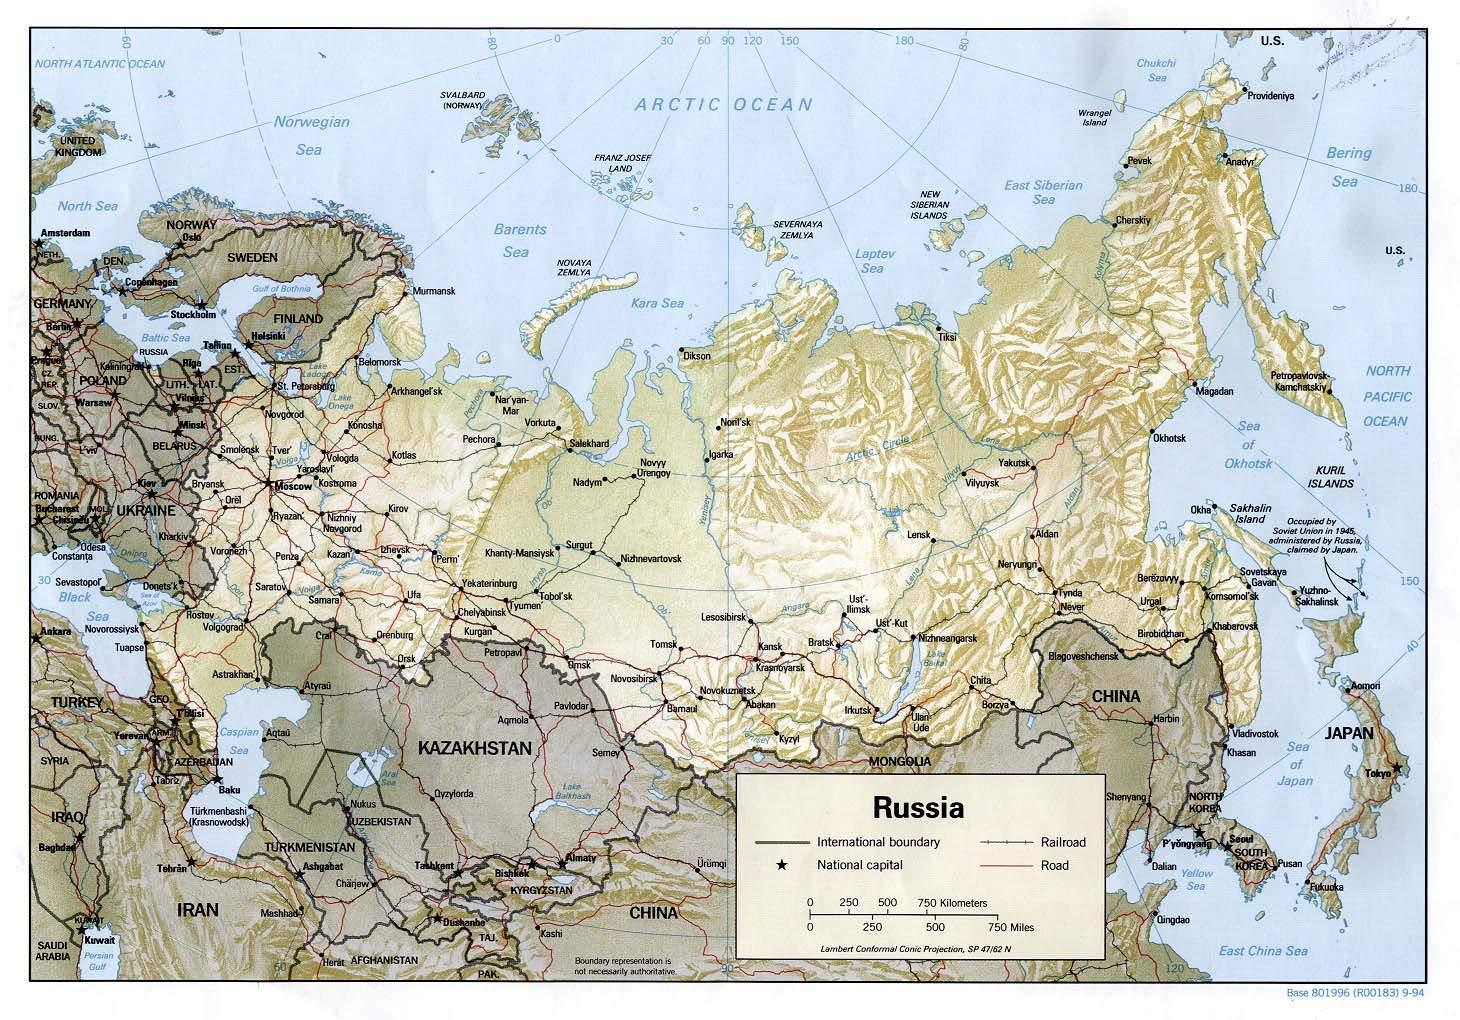 Sœurs de la rivière russe